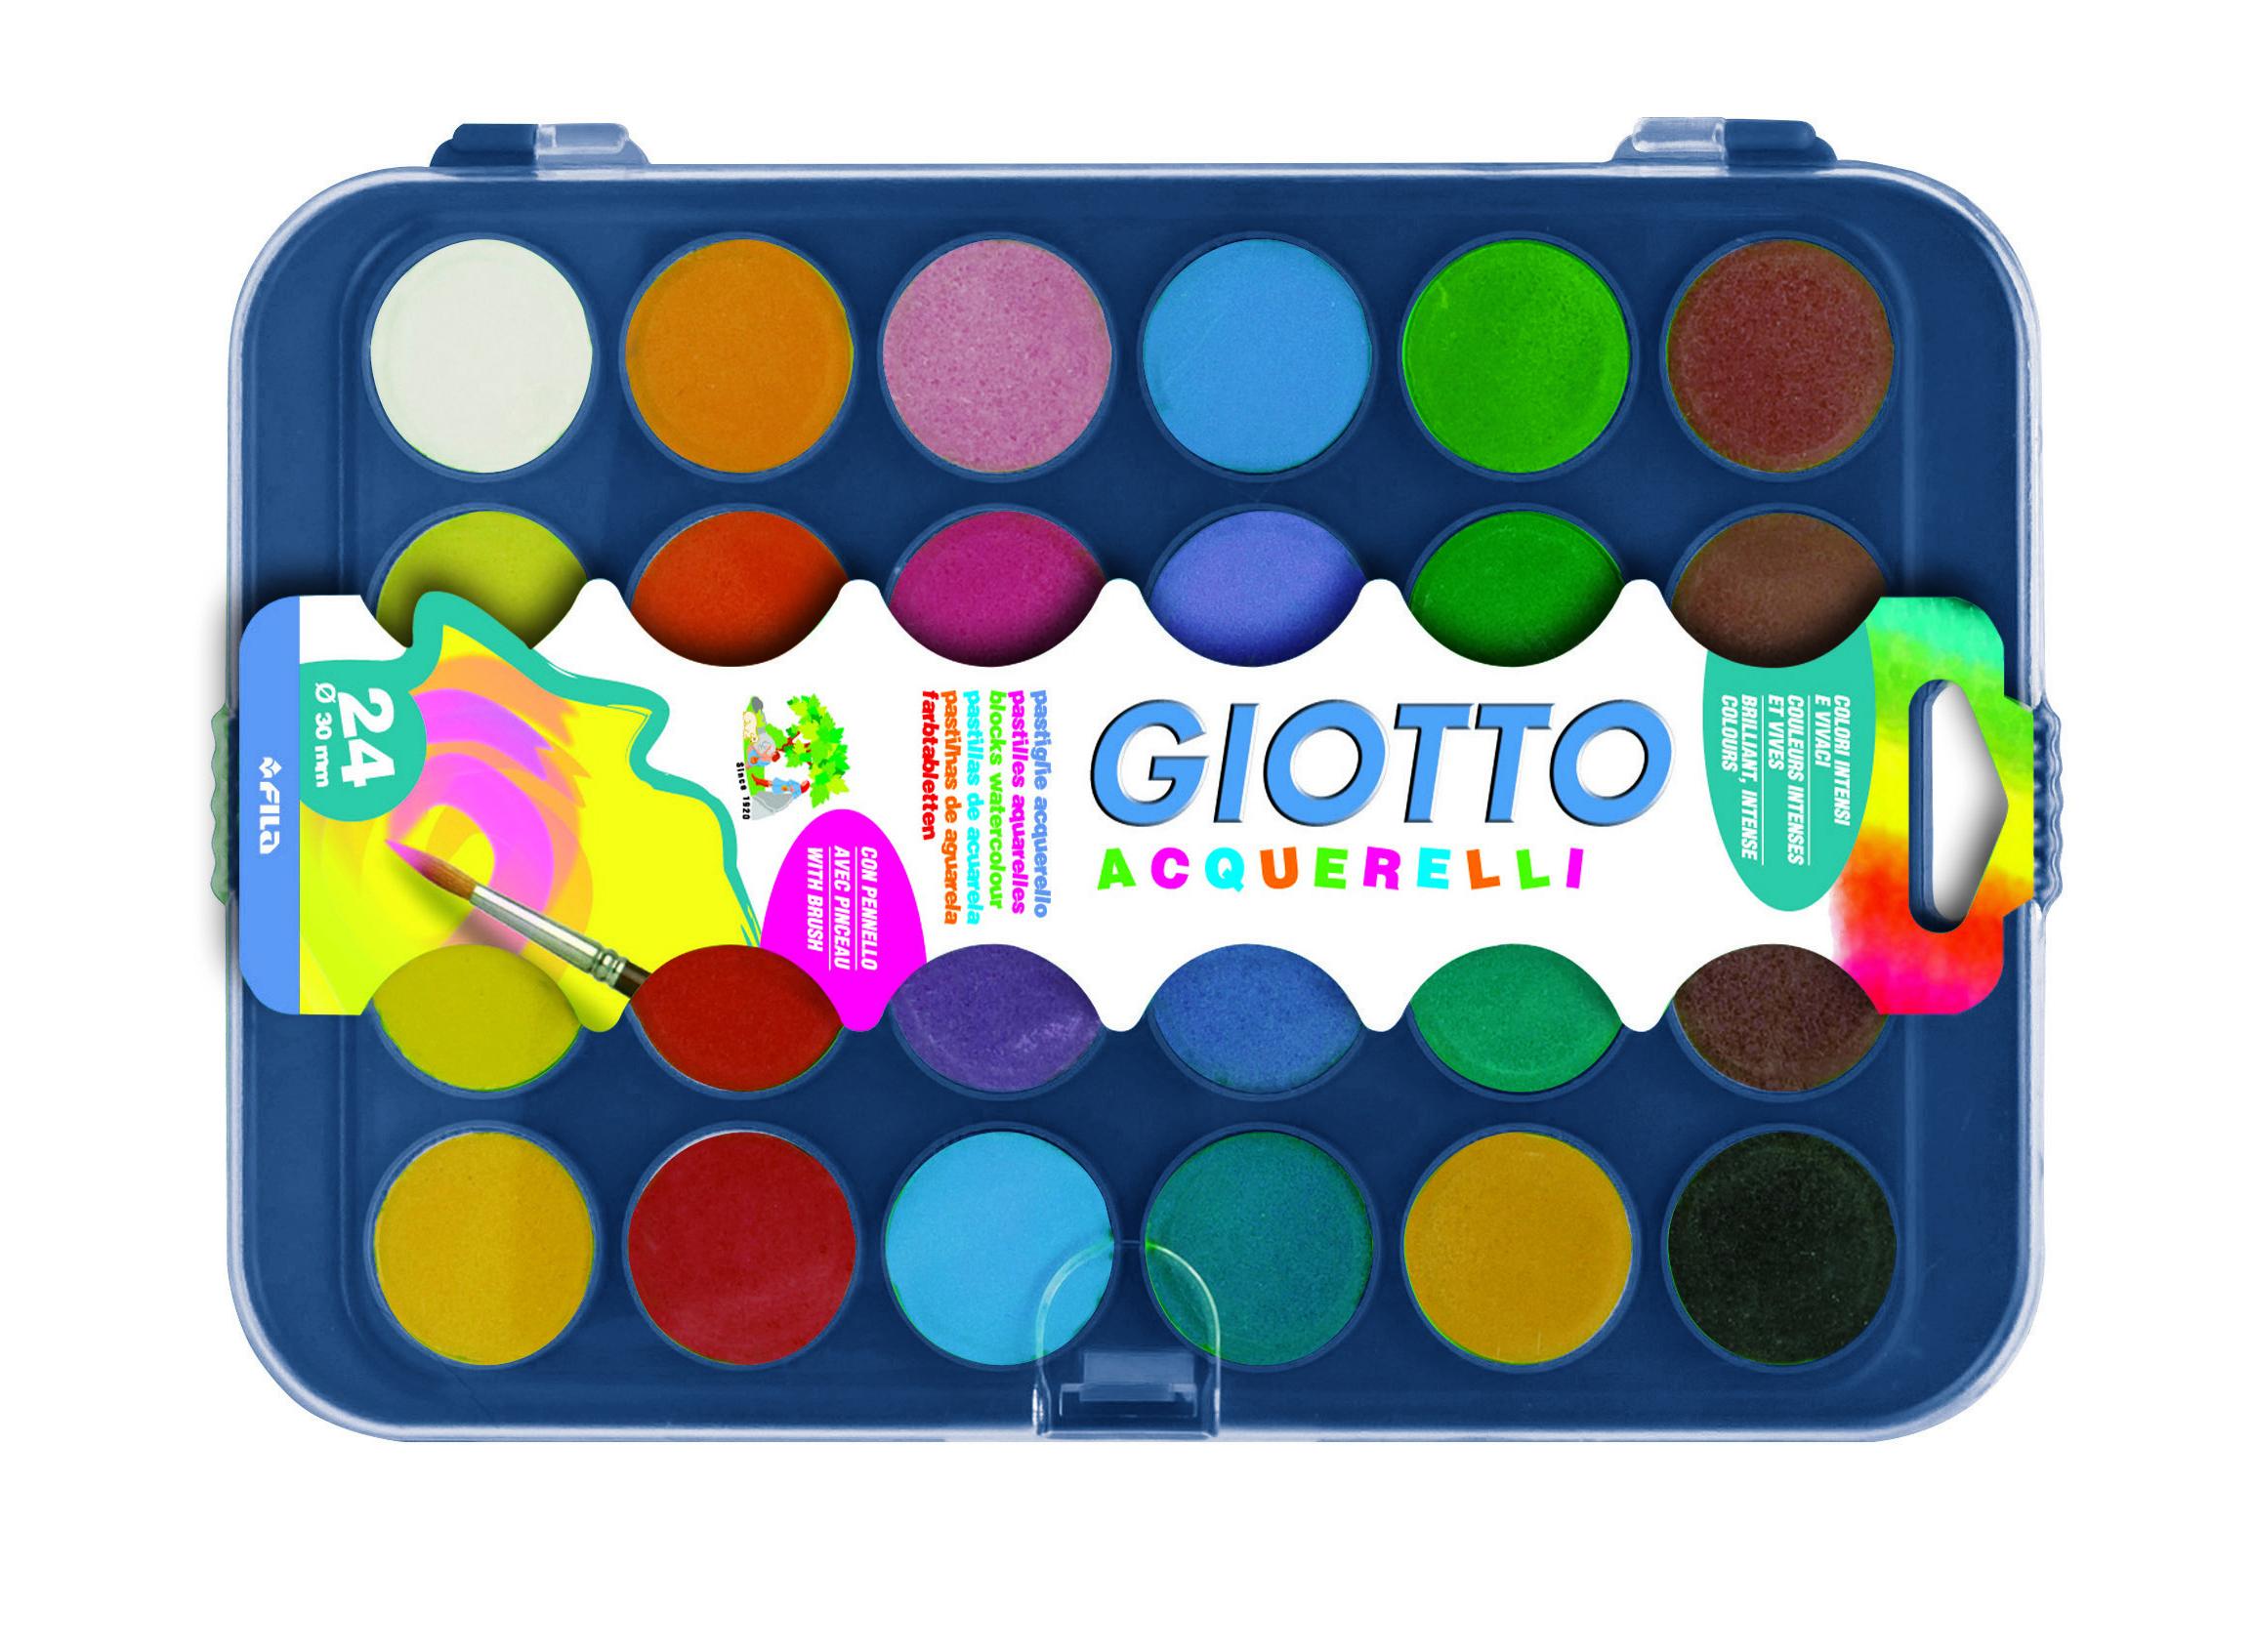 Conjunto aguarela 24 cores (marca Giotto)